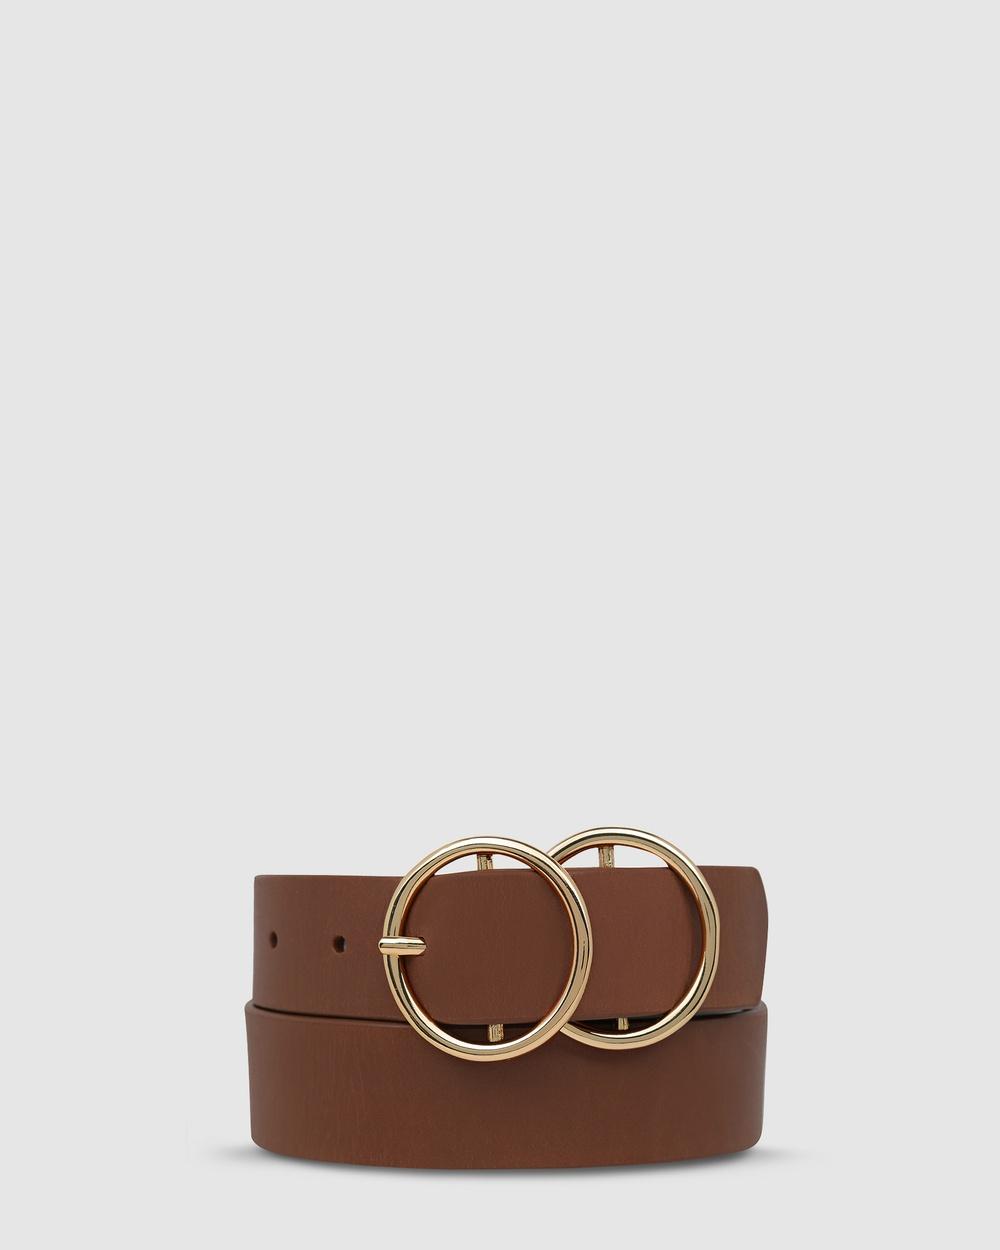 Status Anxiety Mislaid Belt Belts Tan/Gold